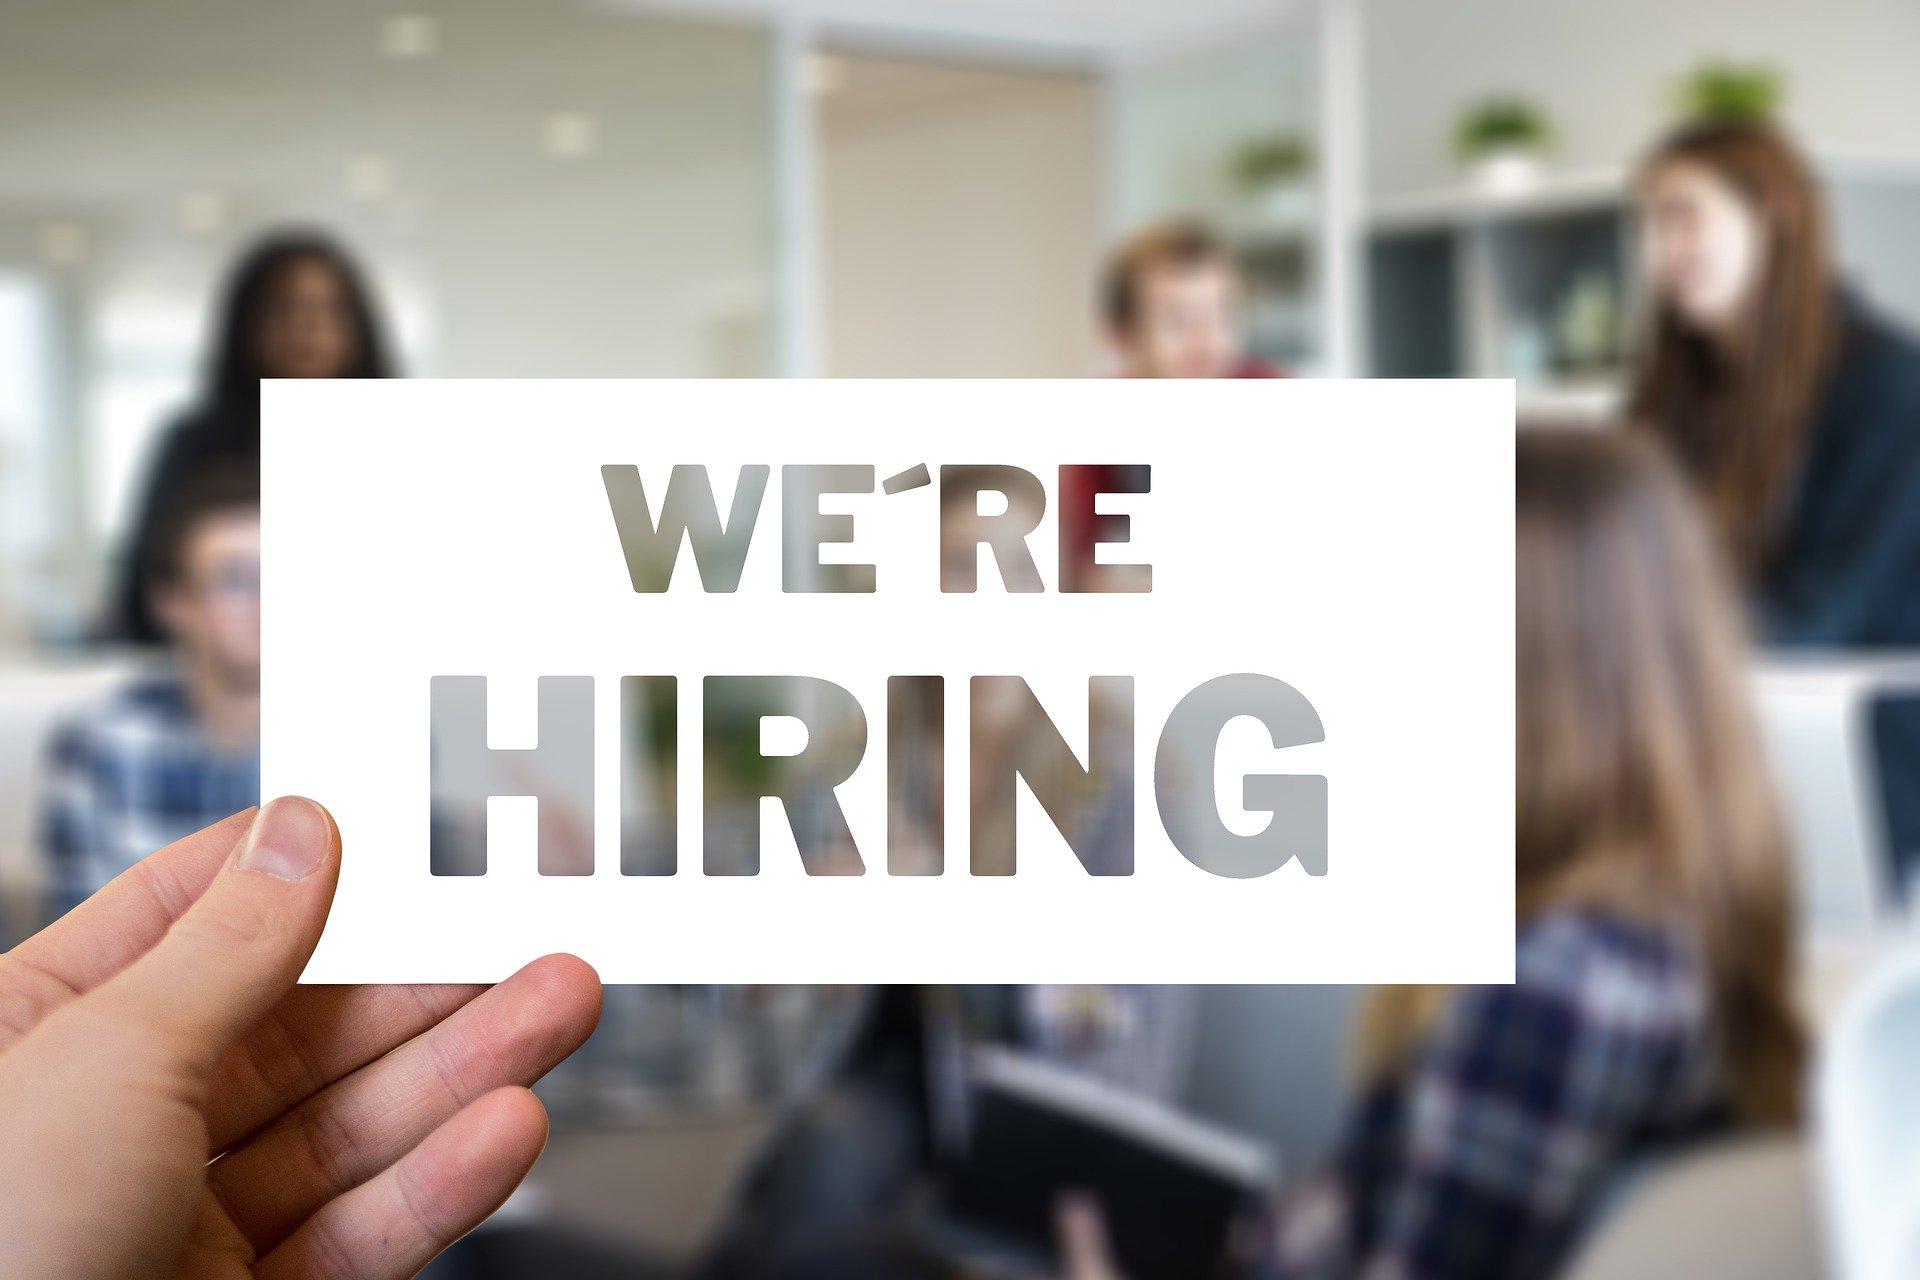 ¿Te gustaría trabajar en una ONG? Revisa las ofertas de empleo de la Asociación Bienestar y Desarrollo ABD